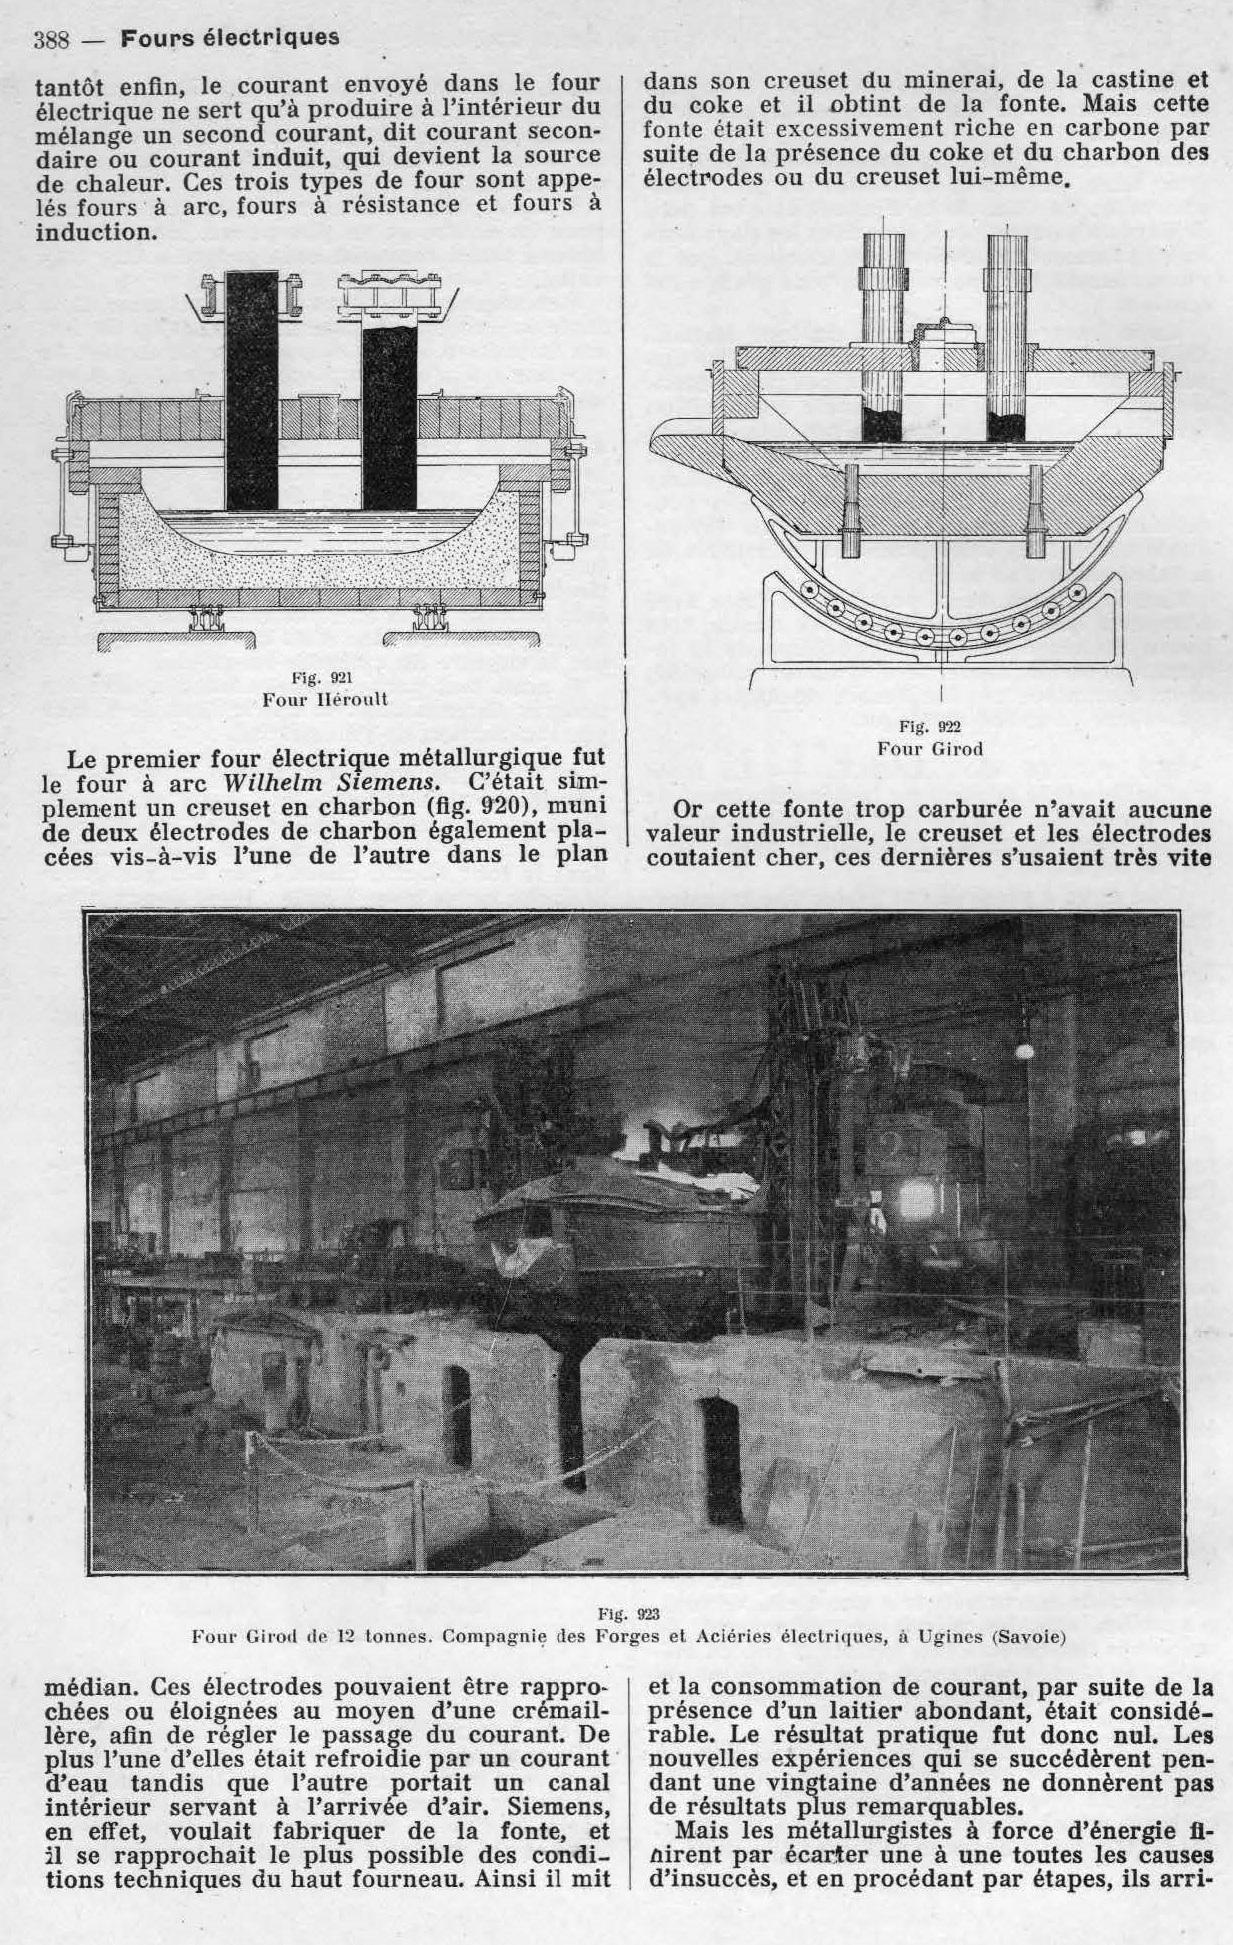 Four Girod de 12 tonnes. Compagnie des Forges et Aciéries électriques, à Ugines (Savoie)